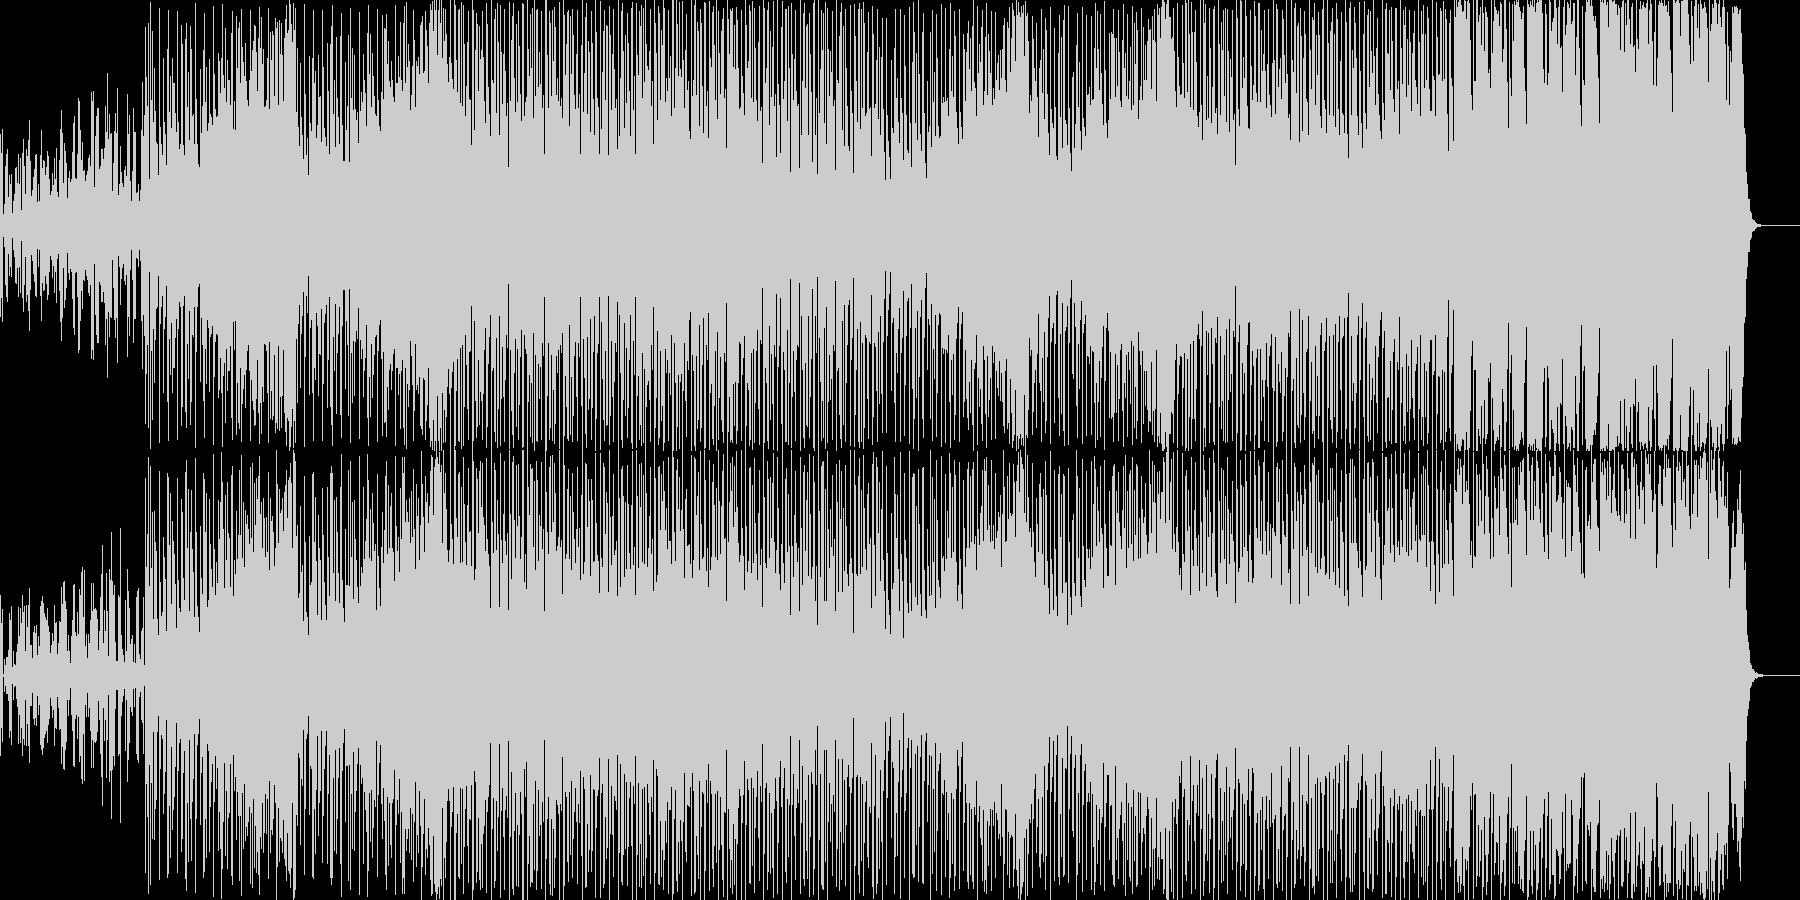 動画 サスペンス アクション エス...の未再生の波形